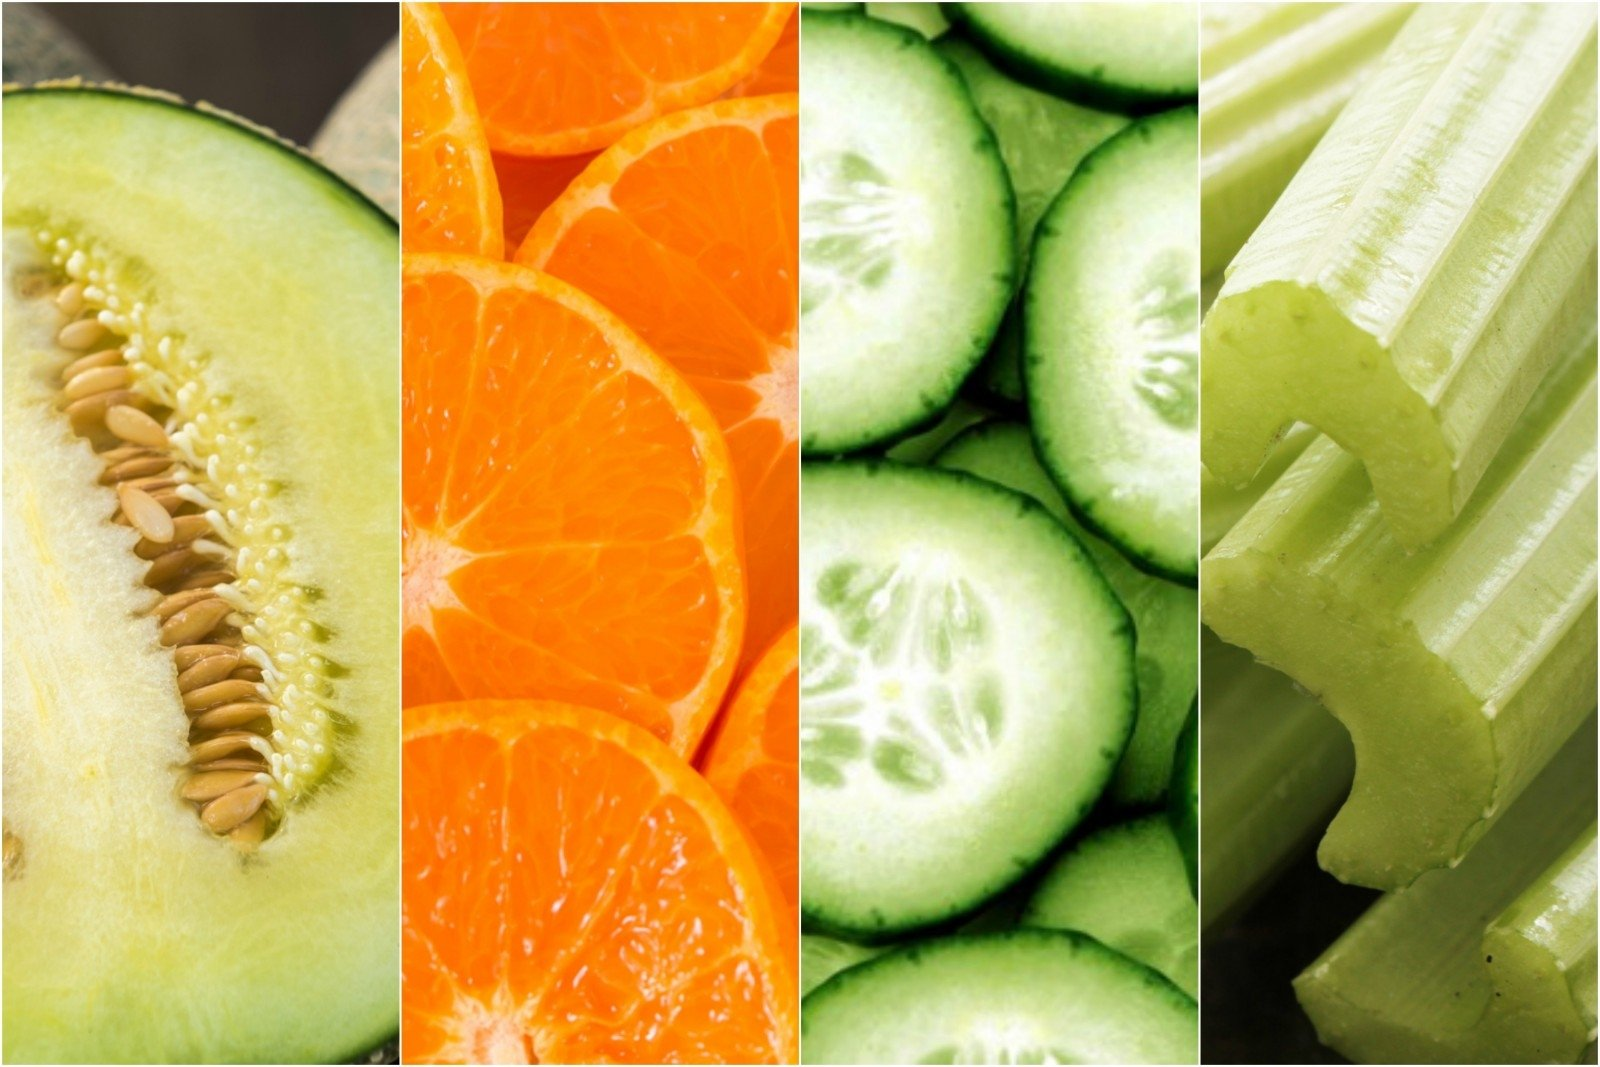 kokius maisto produktus valgyti varpos